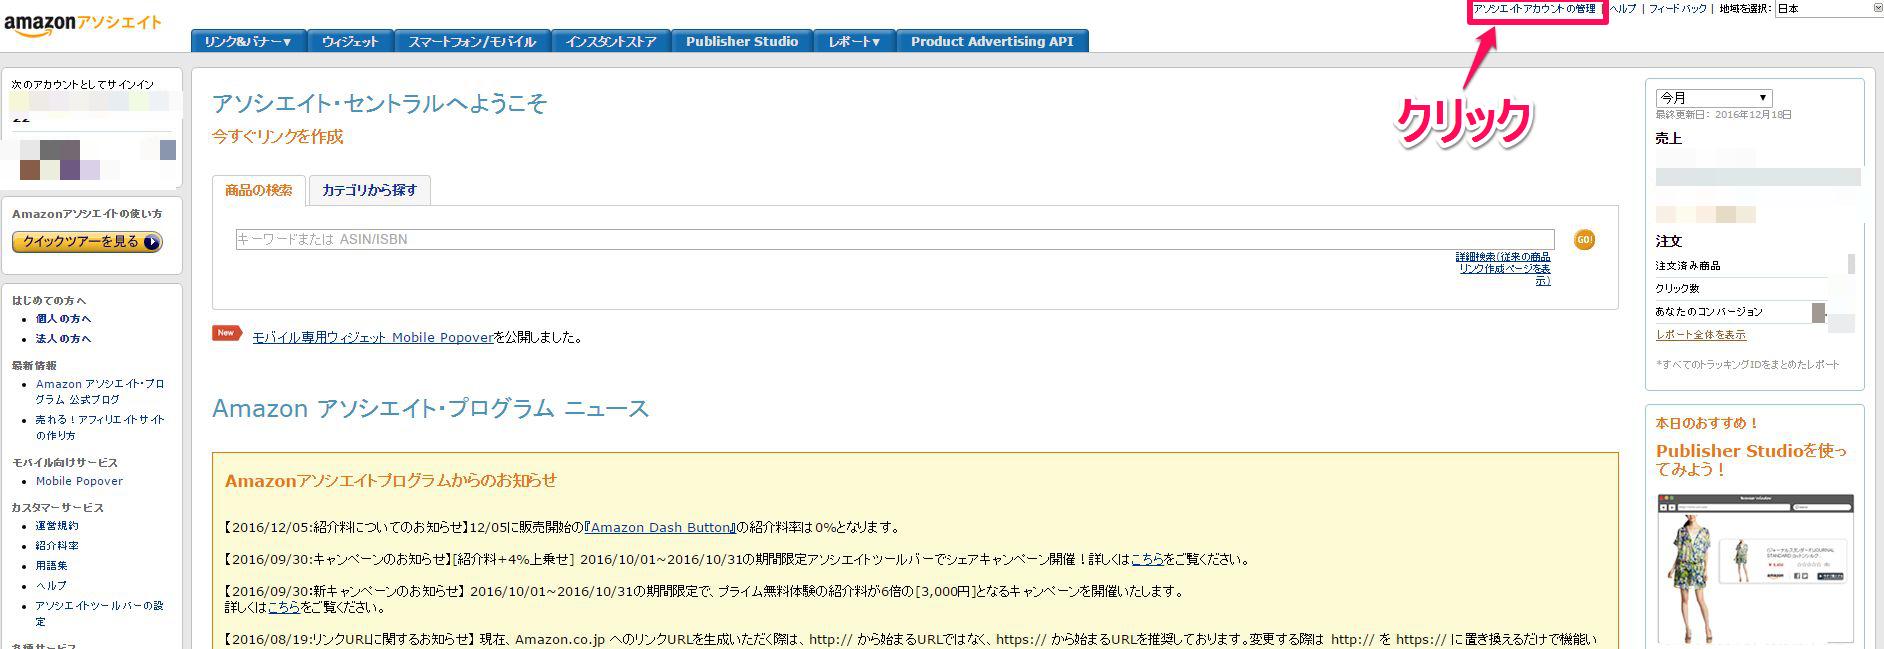 アマゾンのアフィリエイトで登録サイト追加を申請する方法